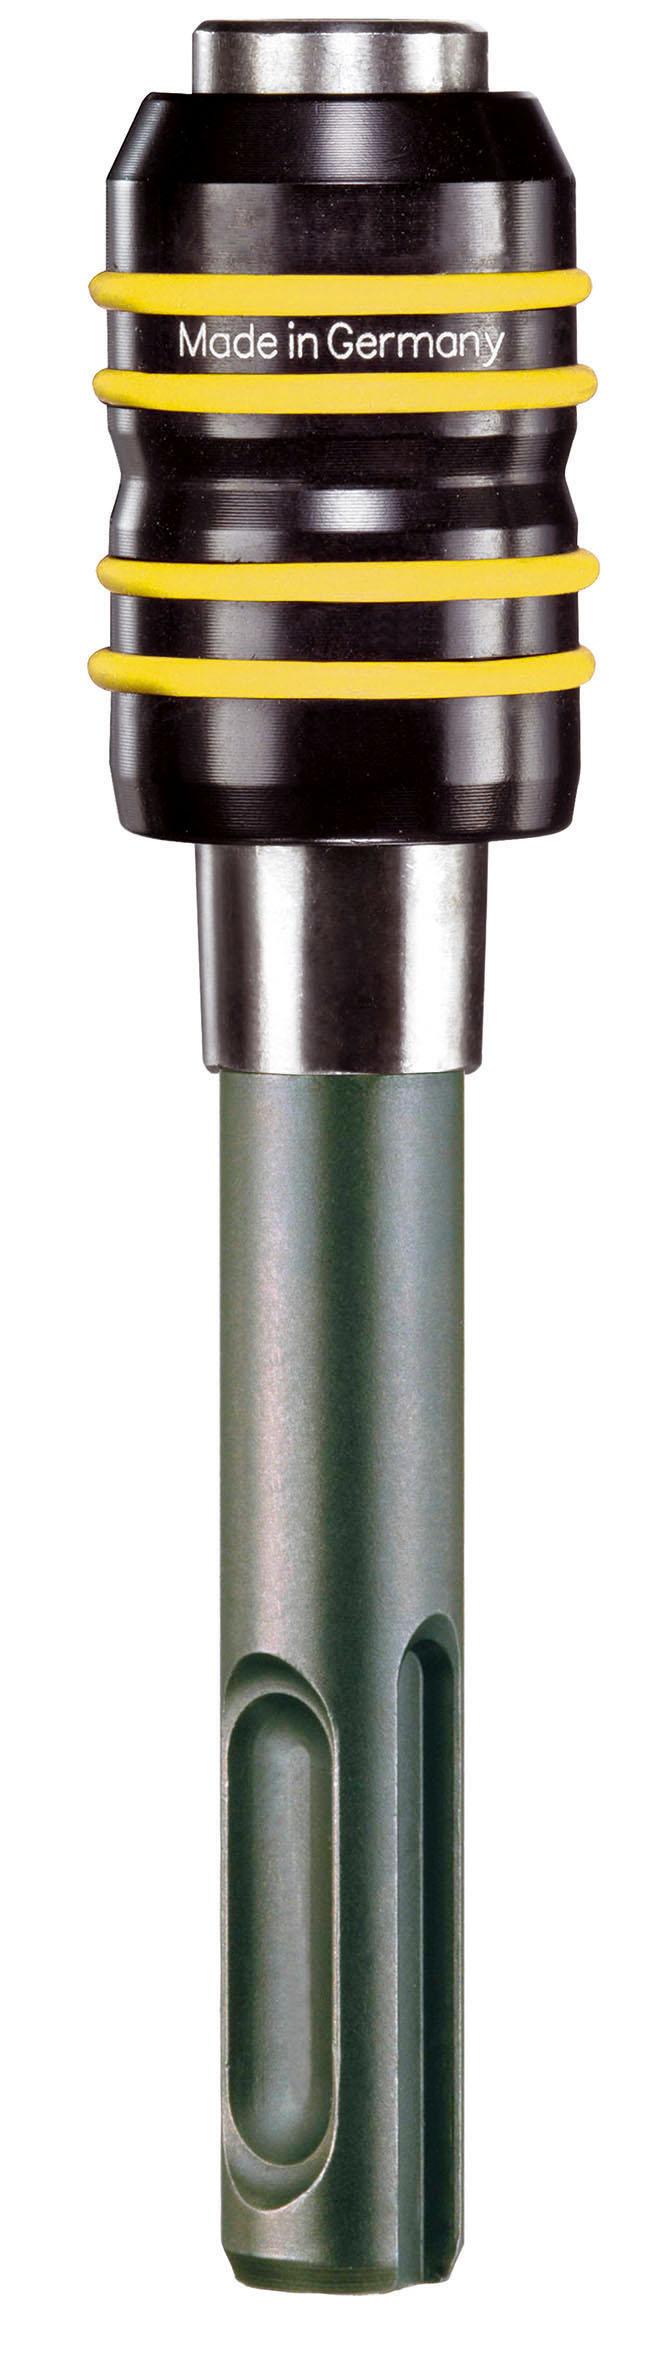 Vissage PORTE EMBOUT Porte-embouts FOX II - Compatible SDS-Plus - U638.jpg